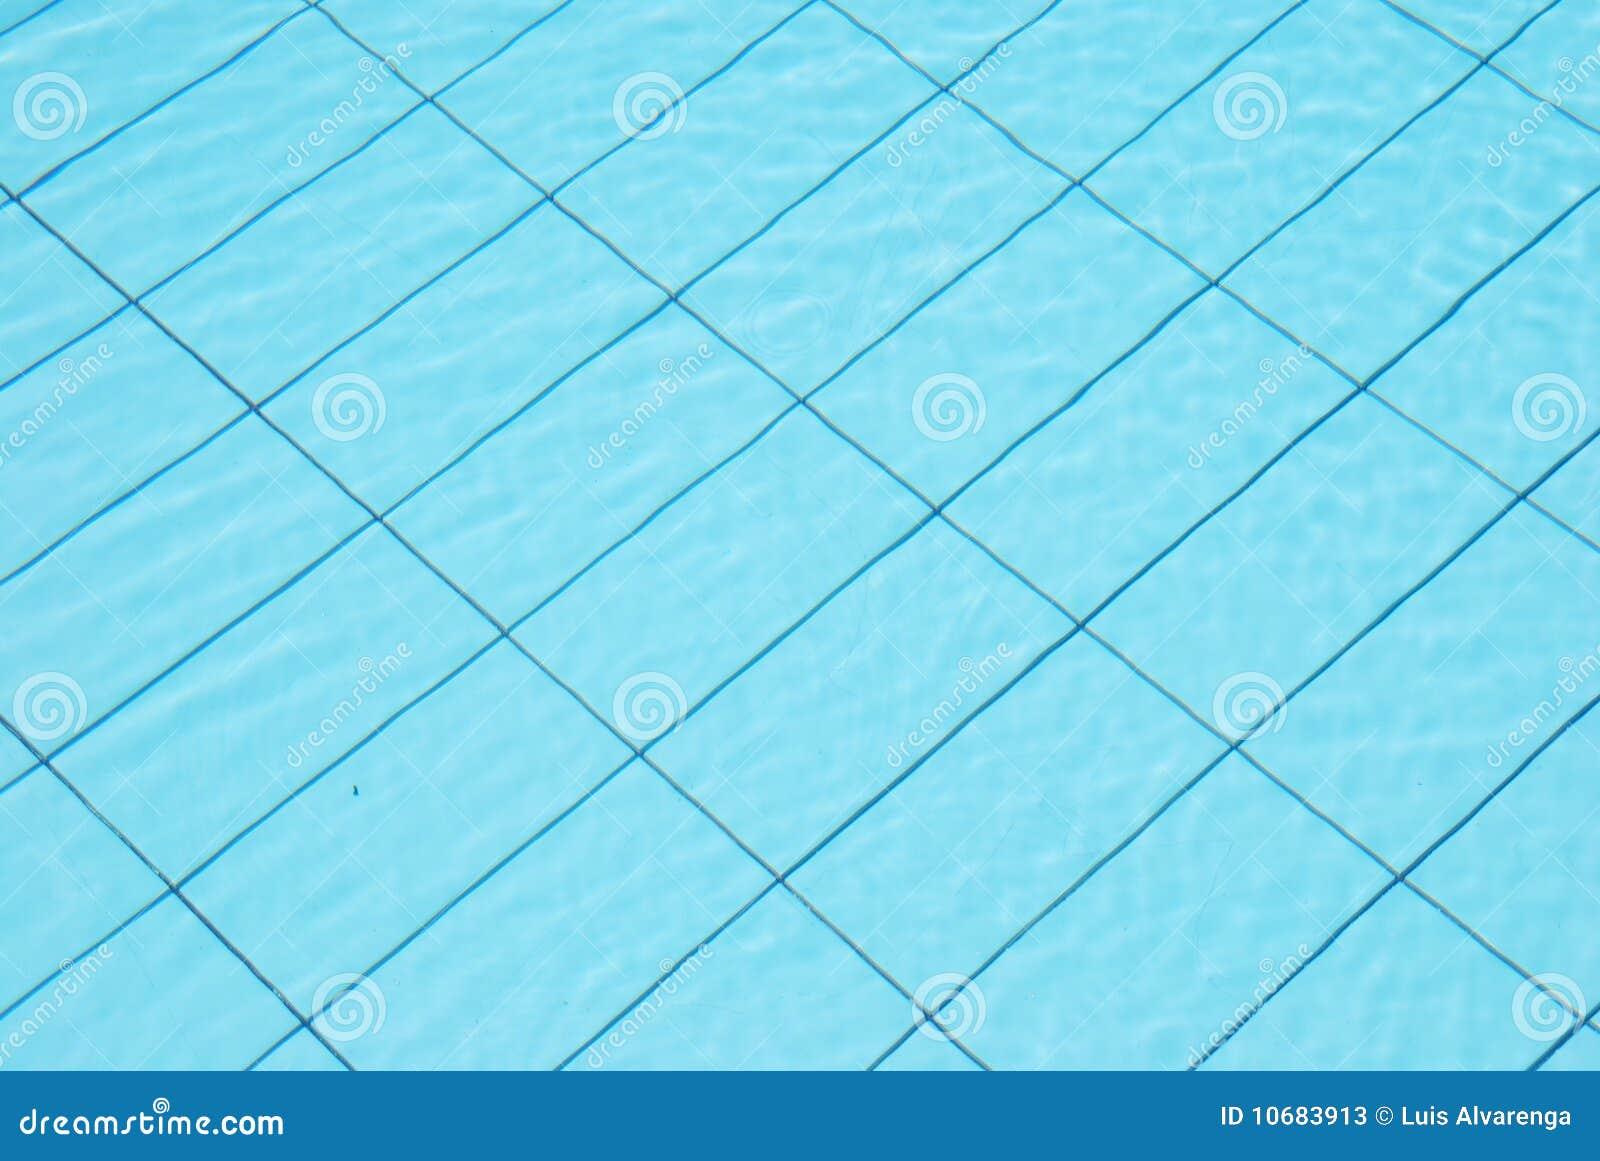 Fundo azul da água da associação